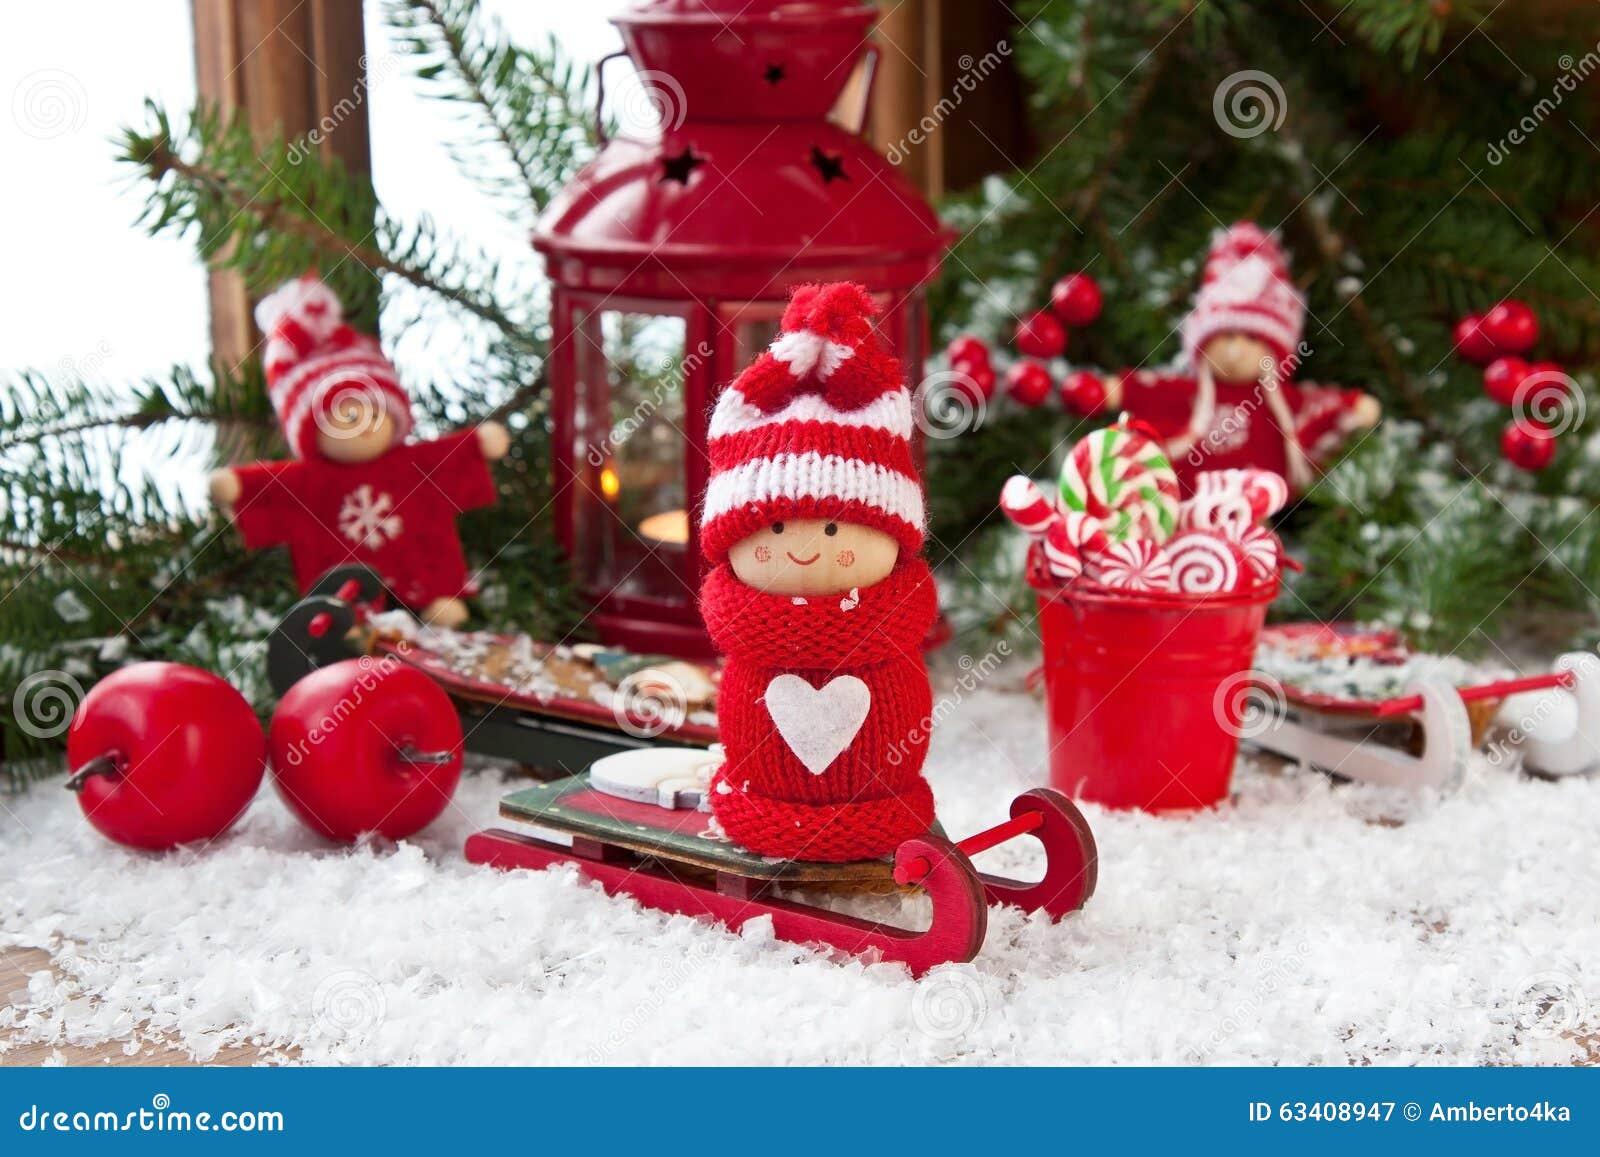 Immagini Piccole Di Natale.Piccole Figure Di Natale Dei Bambini Carta Di Regalo Di